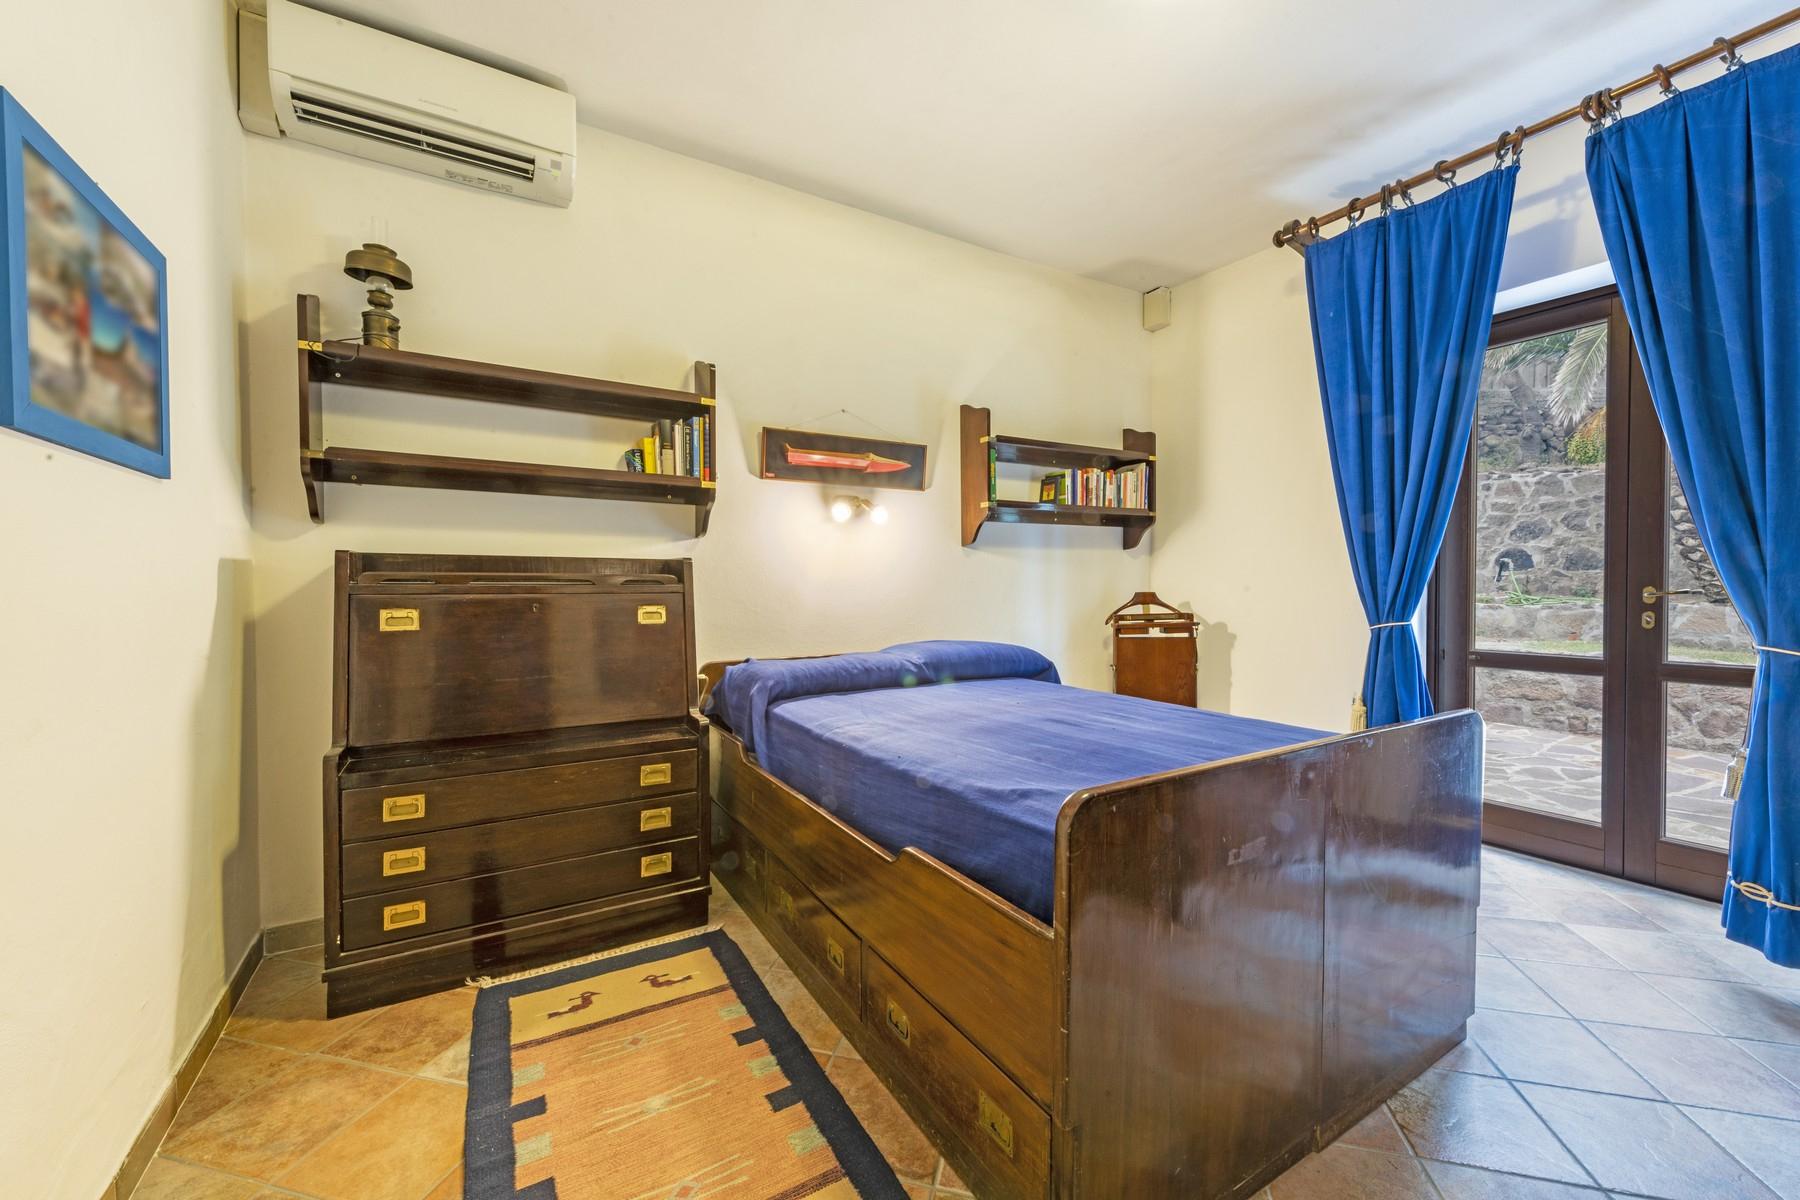 Villa in Vendita a Capraia Isola: 5 locali, 320 mq - Foto 17